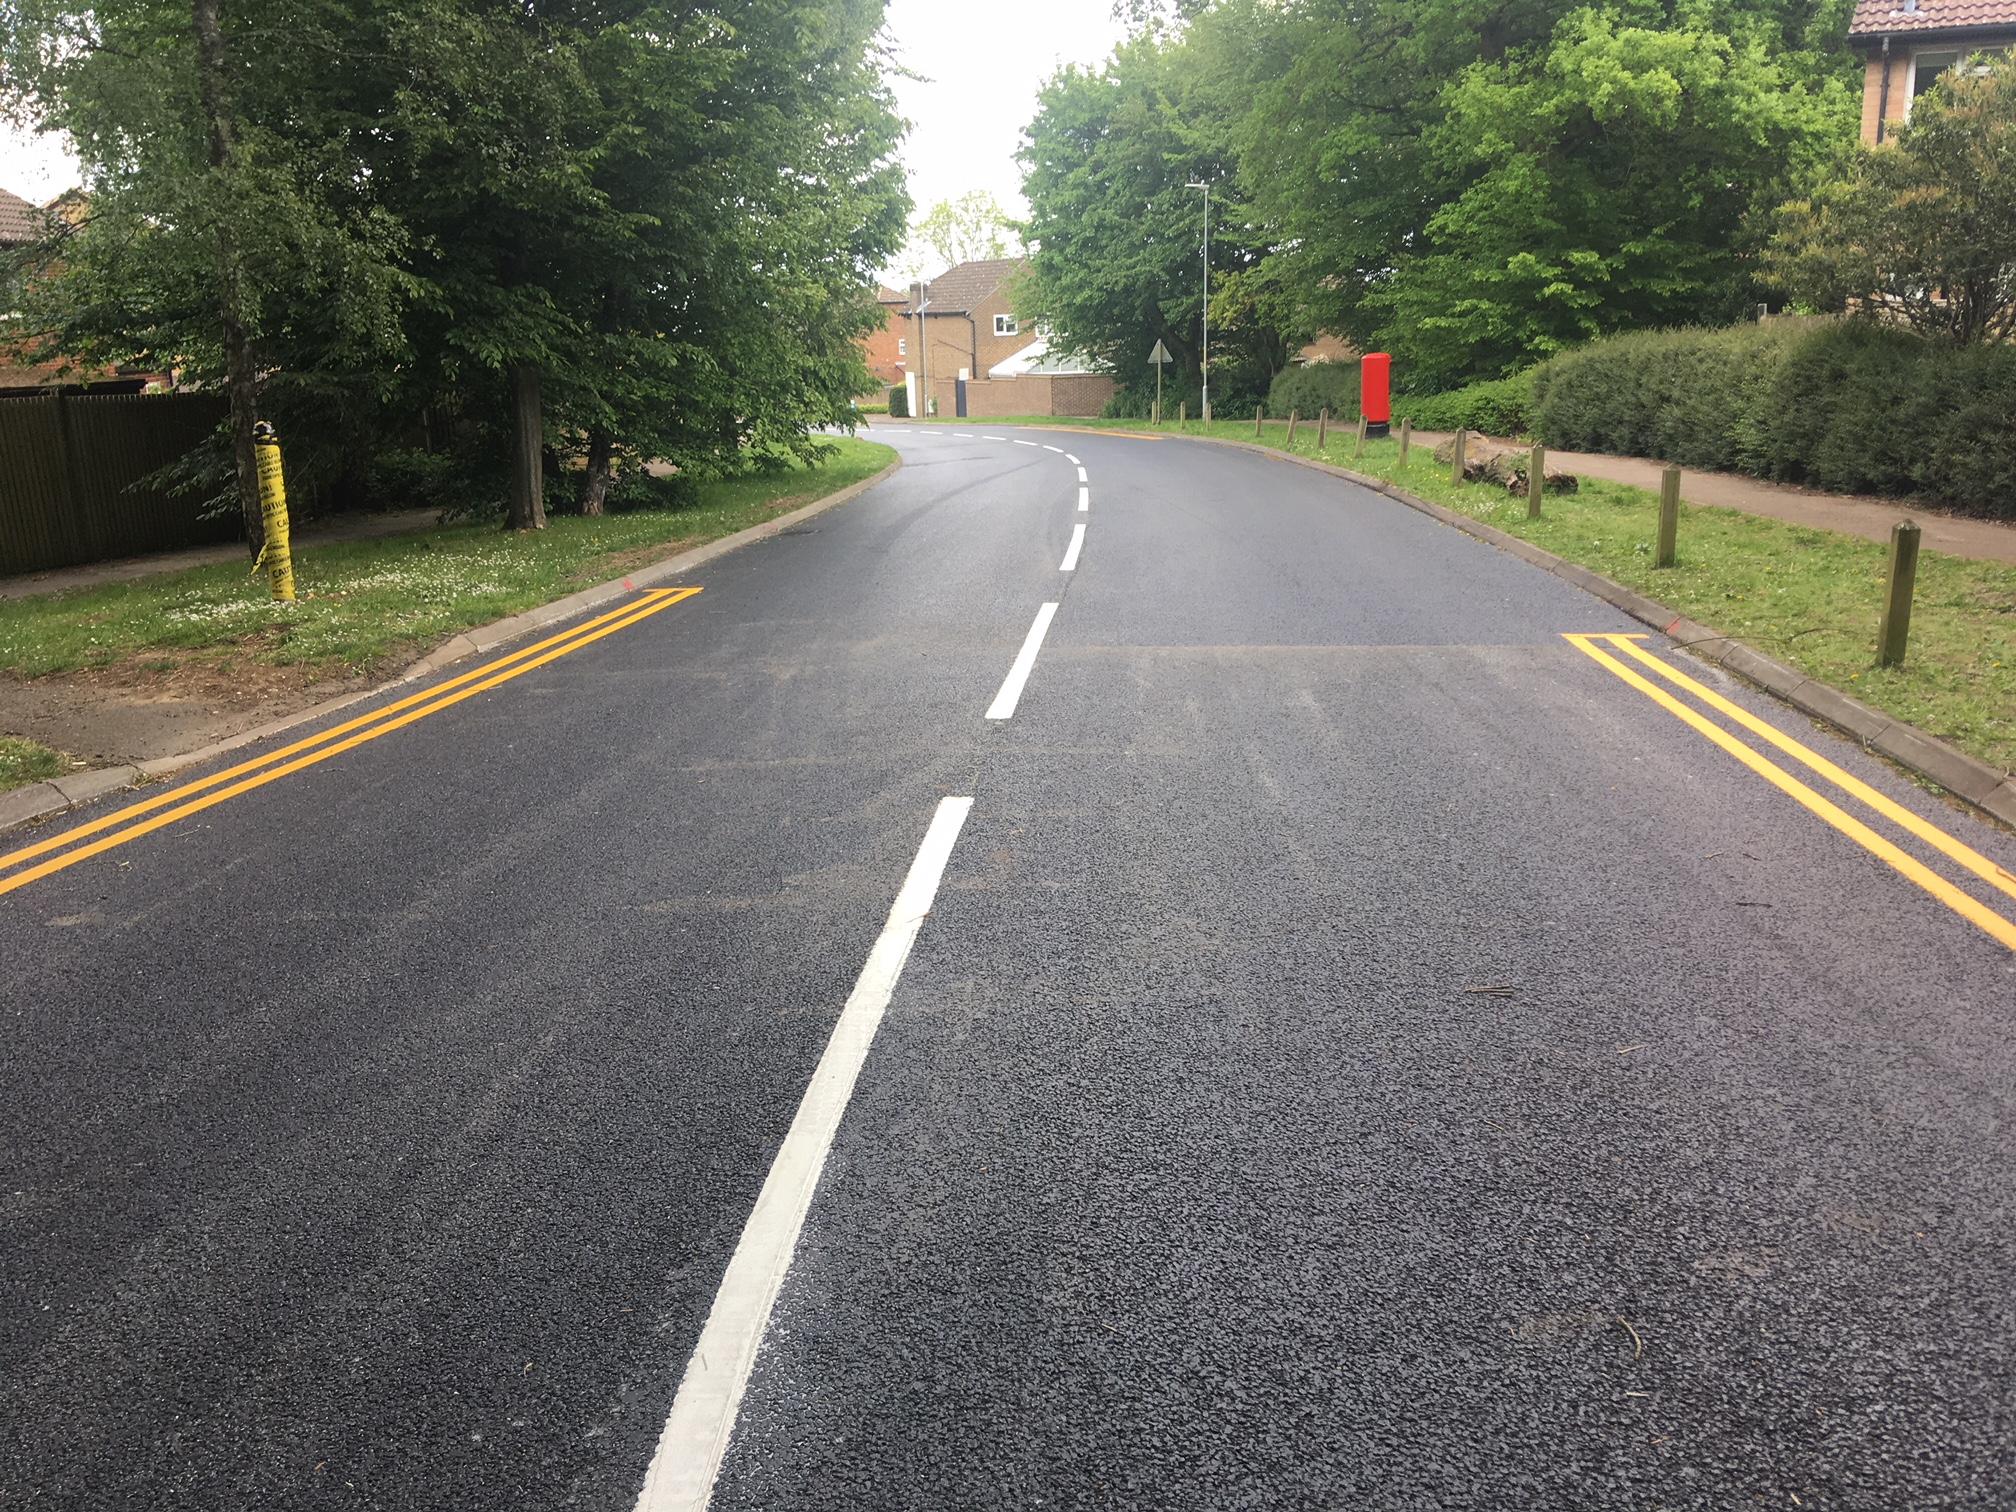 Pothole Blitz work starts across Kent